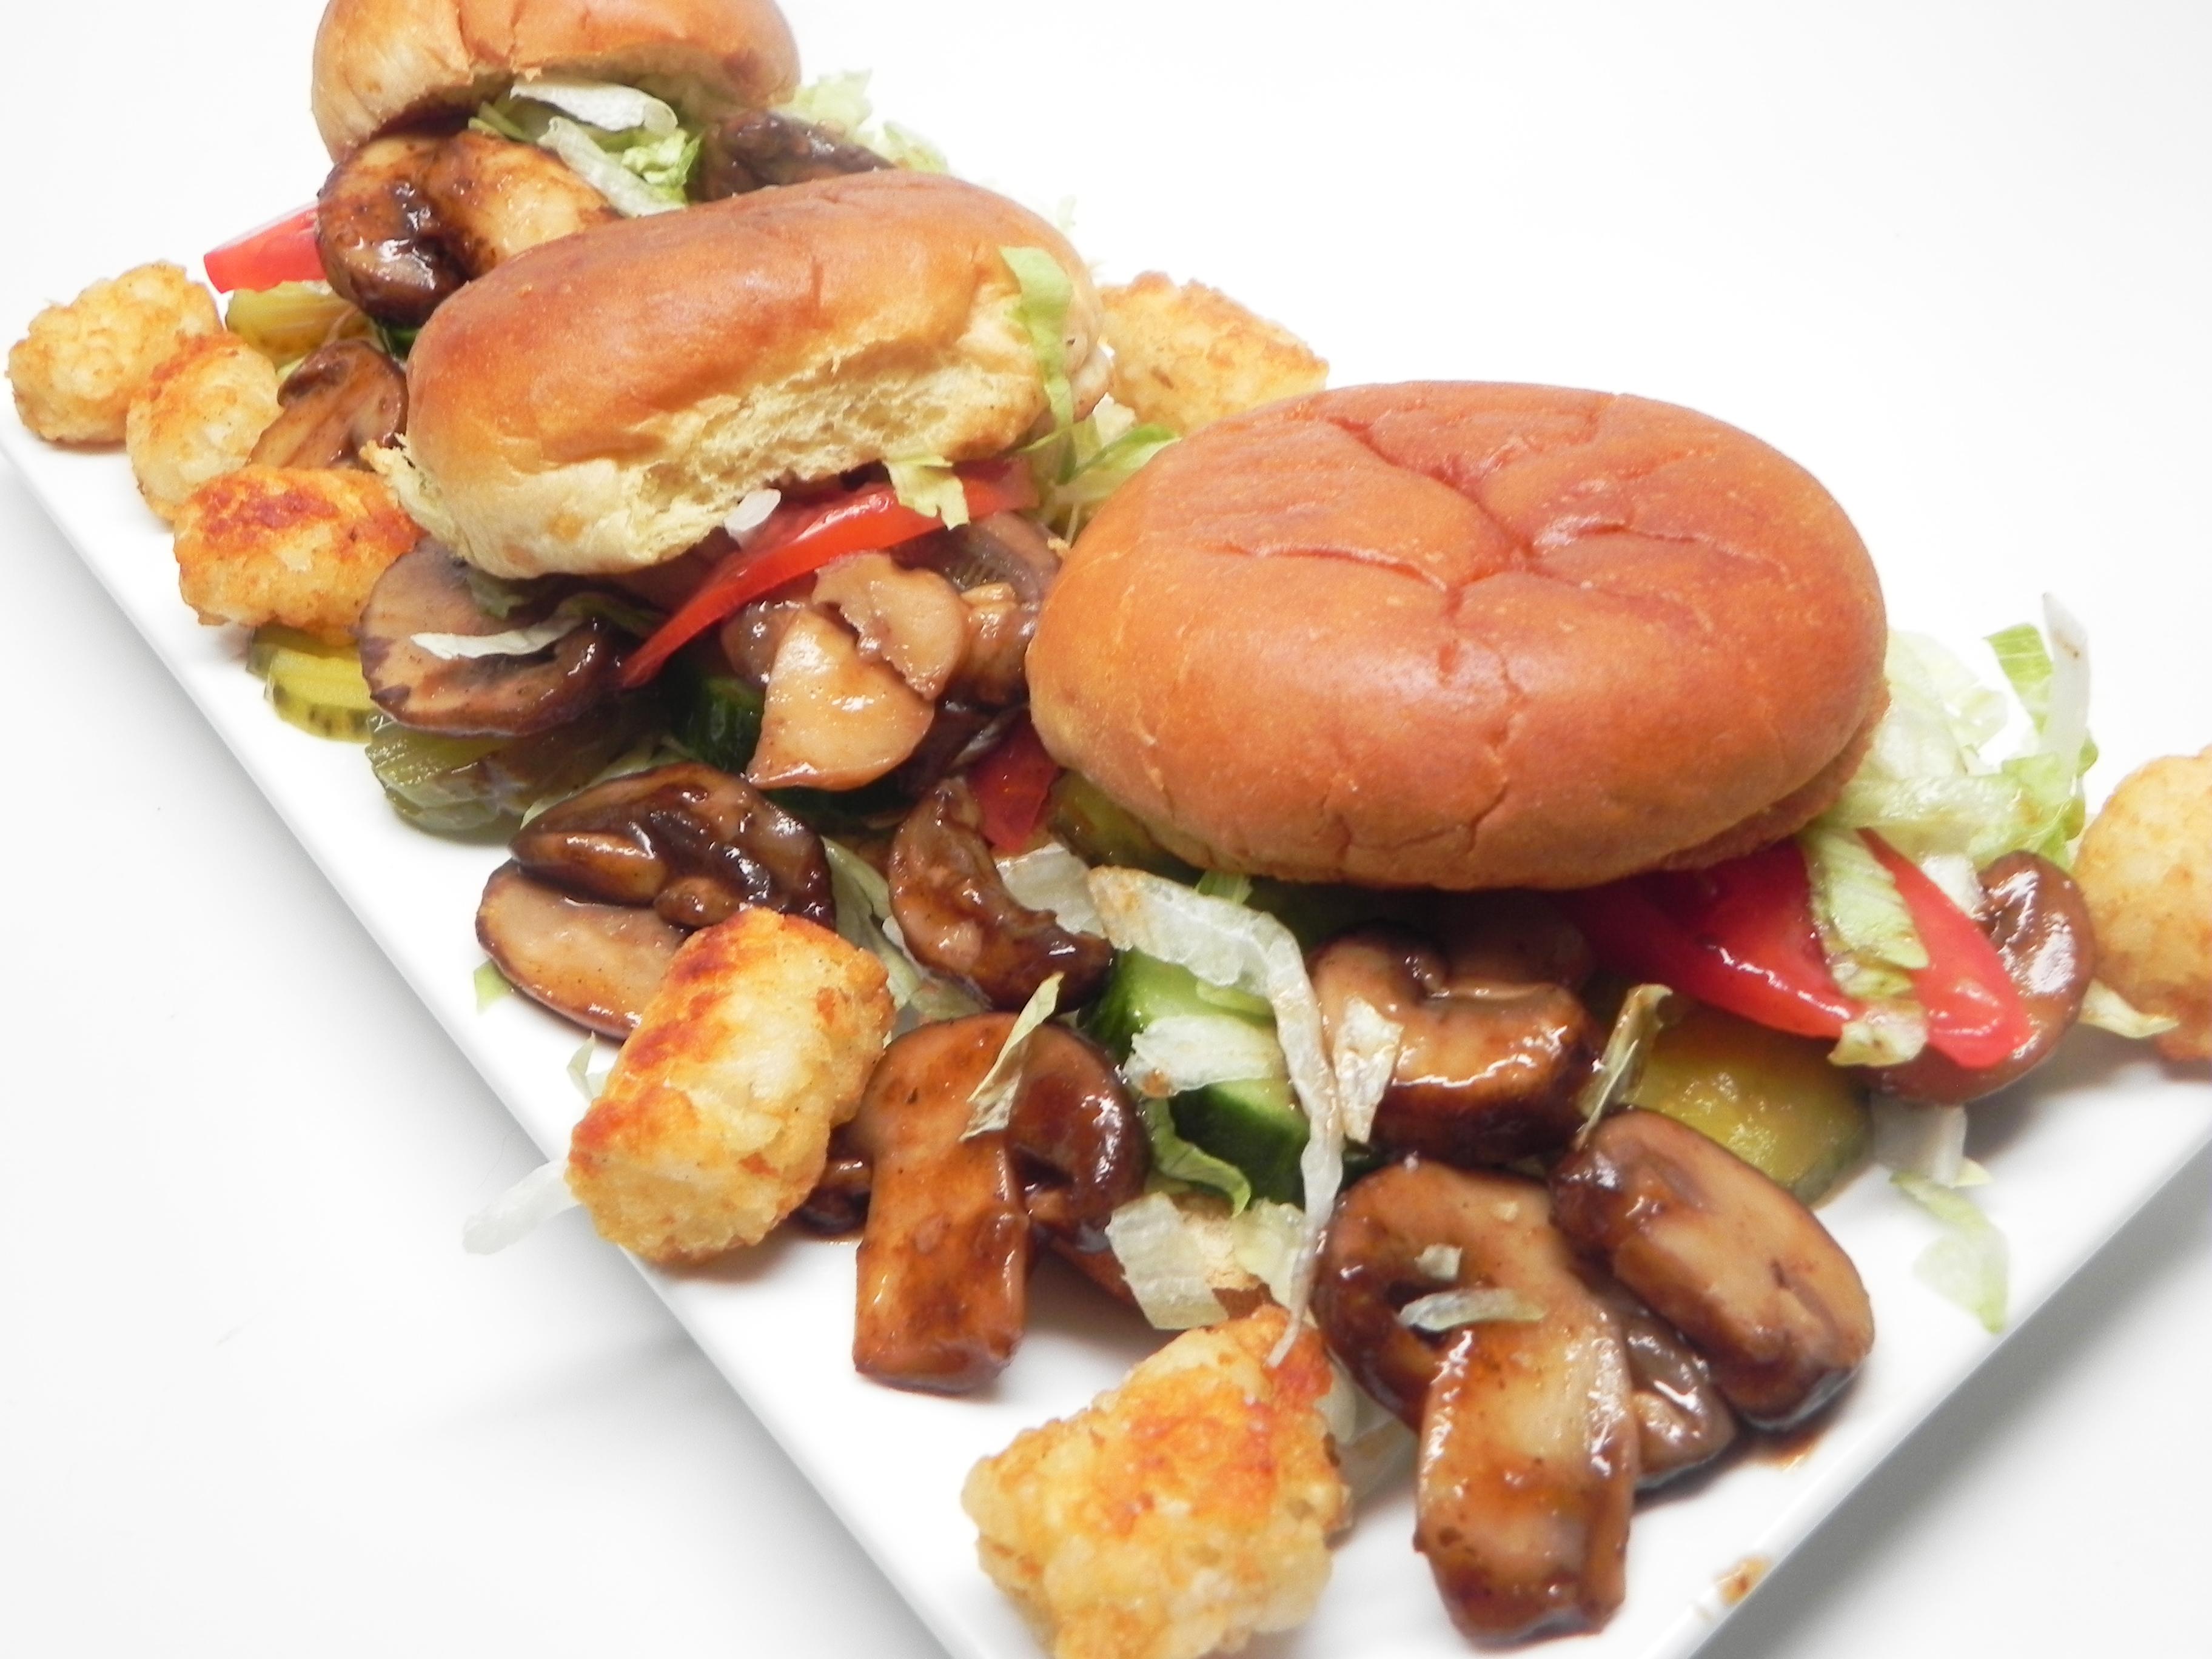 Vegetarian Mushroom Sliders